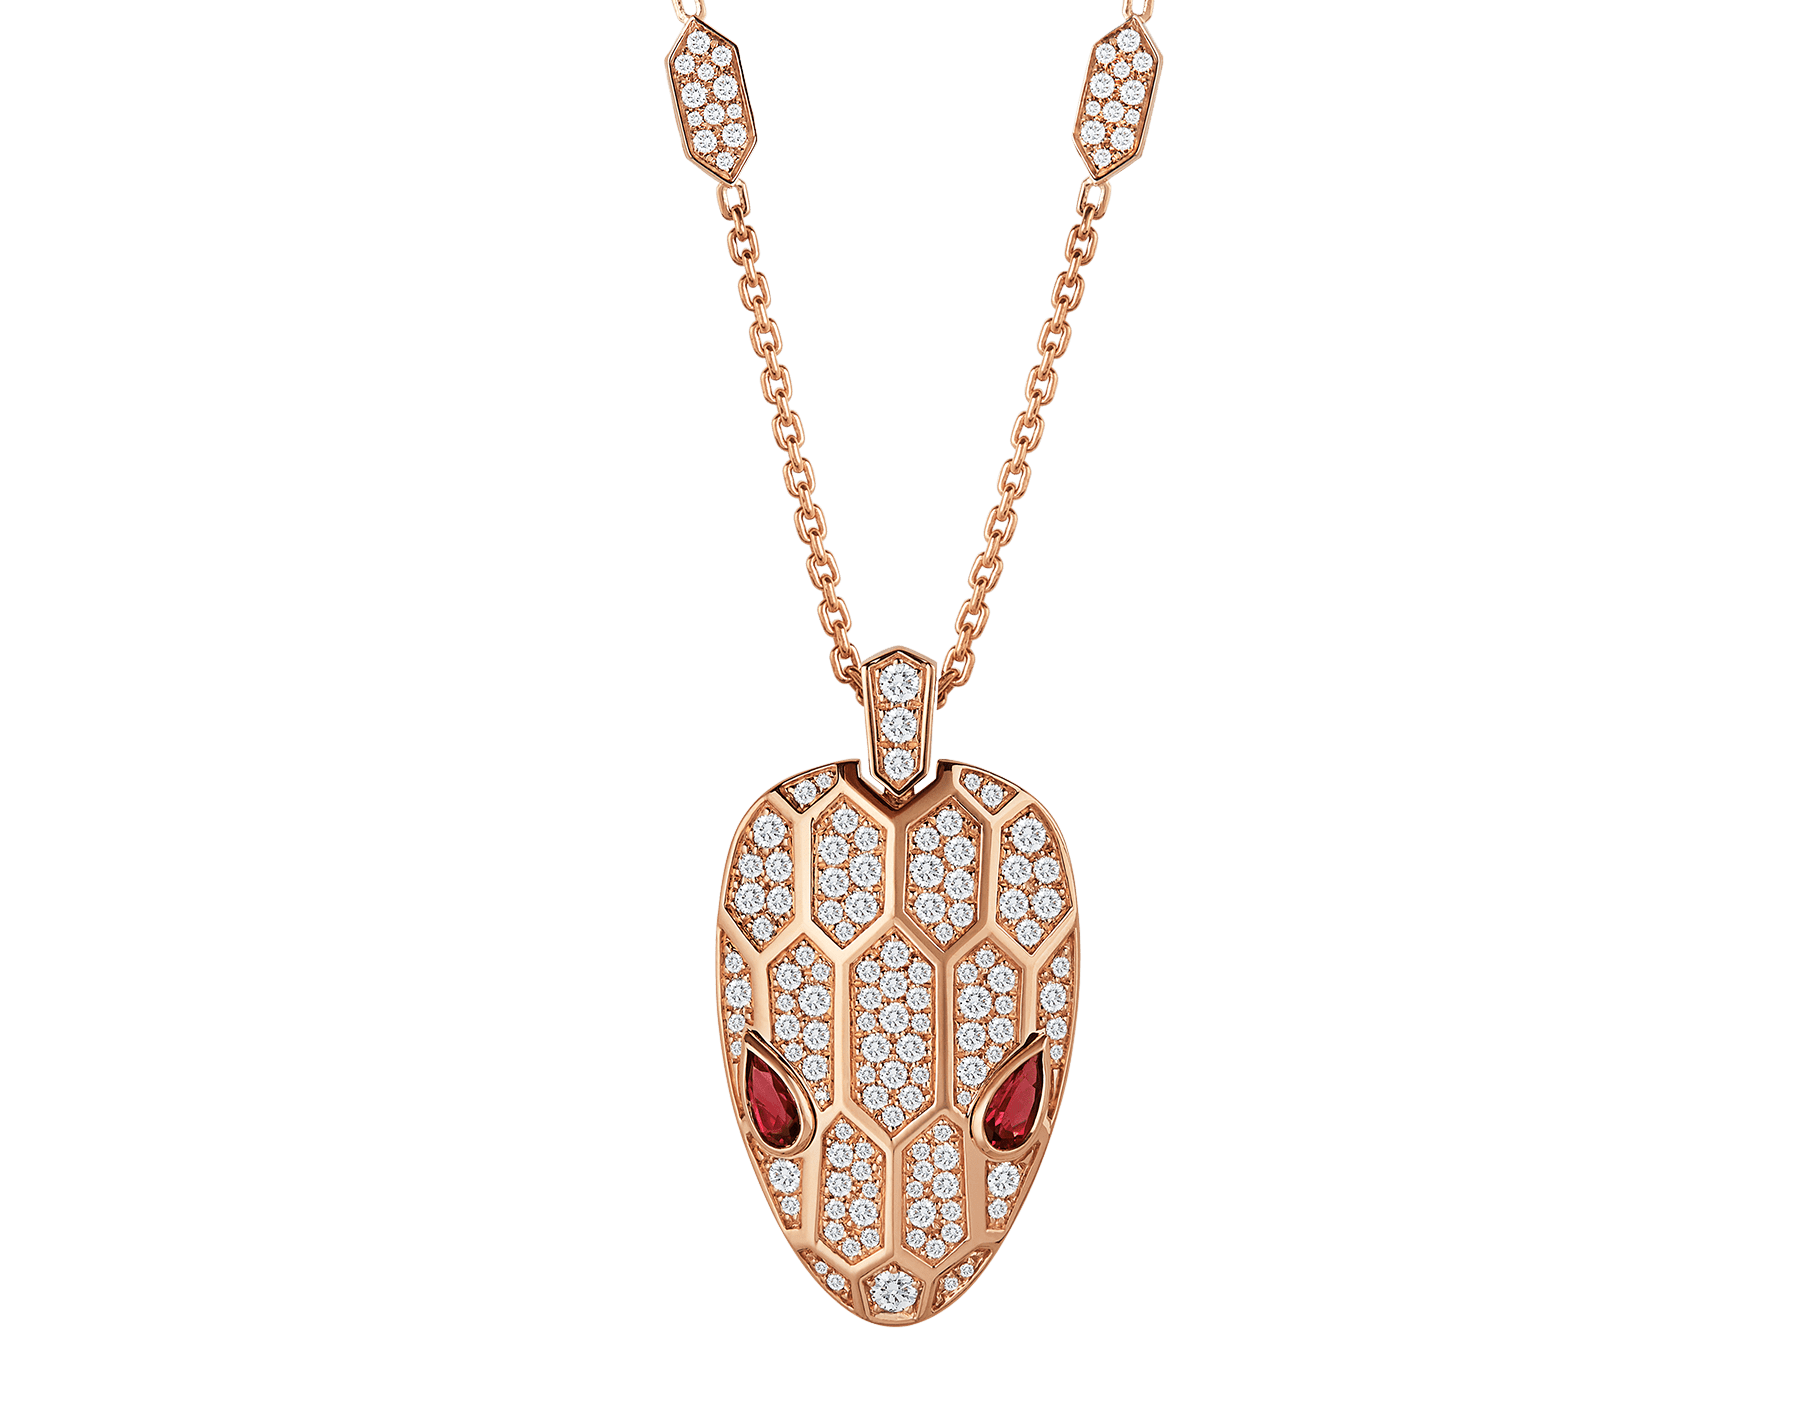 Suspendu à une ravissante chaîne complétée d'écailles hexagonales en pavé diamants, le pendentif Serpenti séduit par la brillance de la tête du serpent et le charme envoûtant de ses magnifiques yeux en rubellite. 352725 image 1